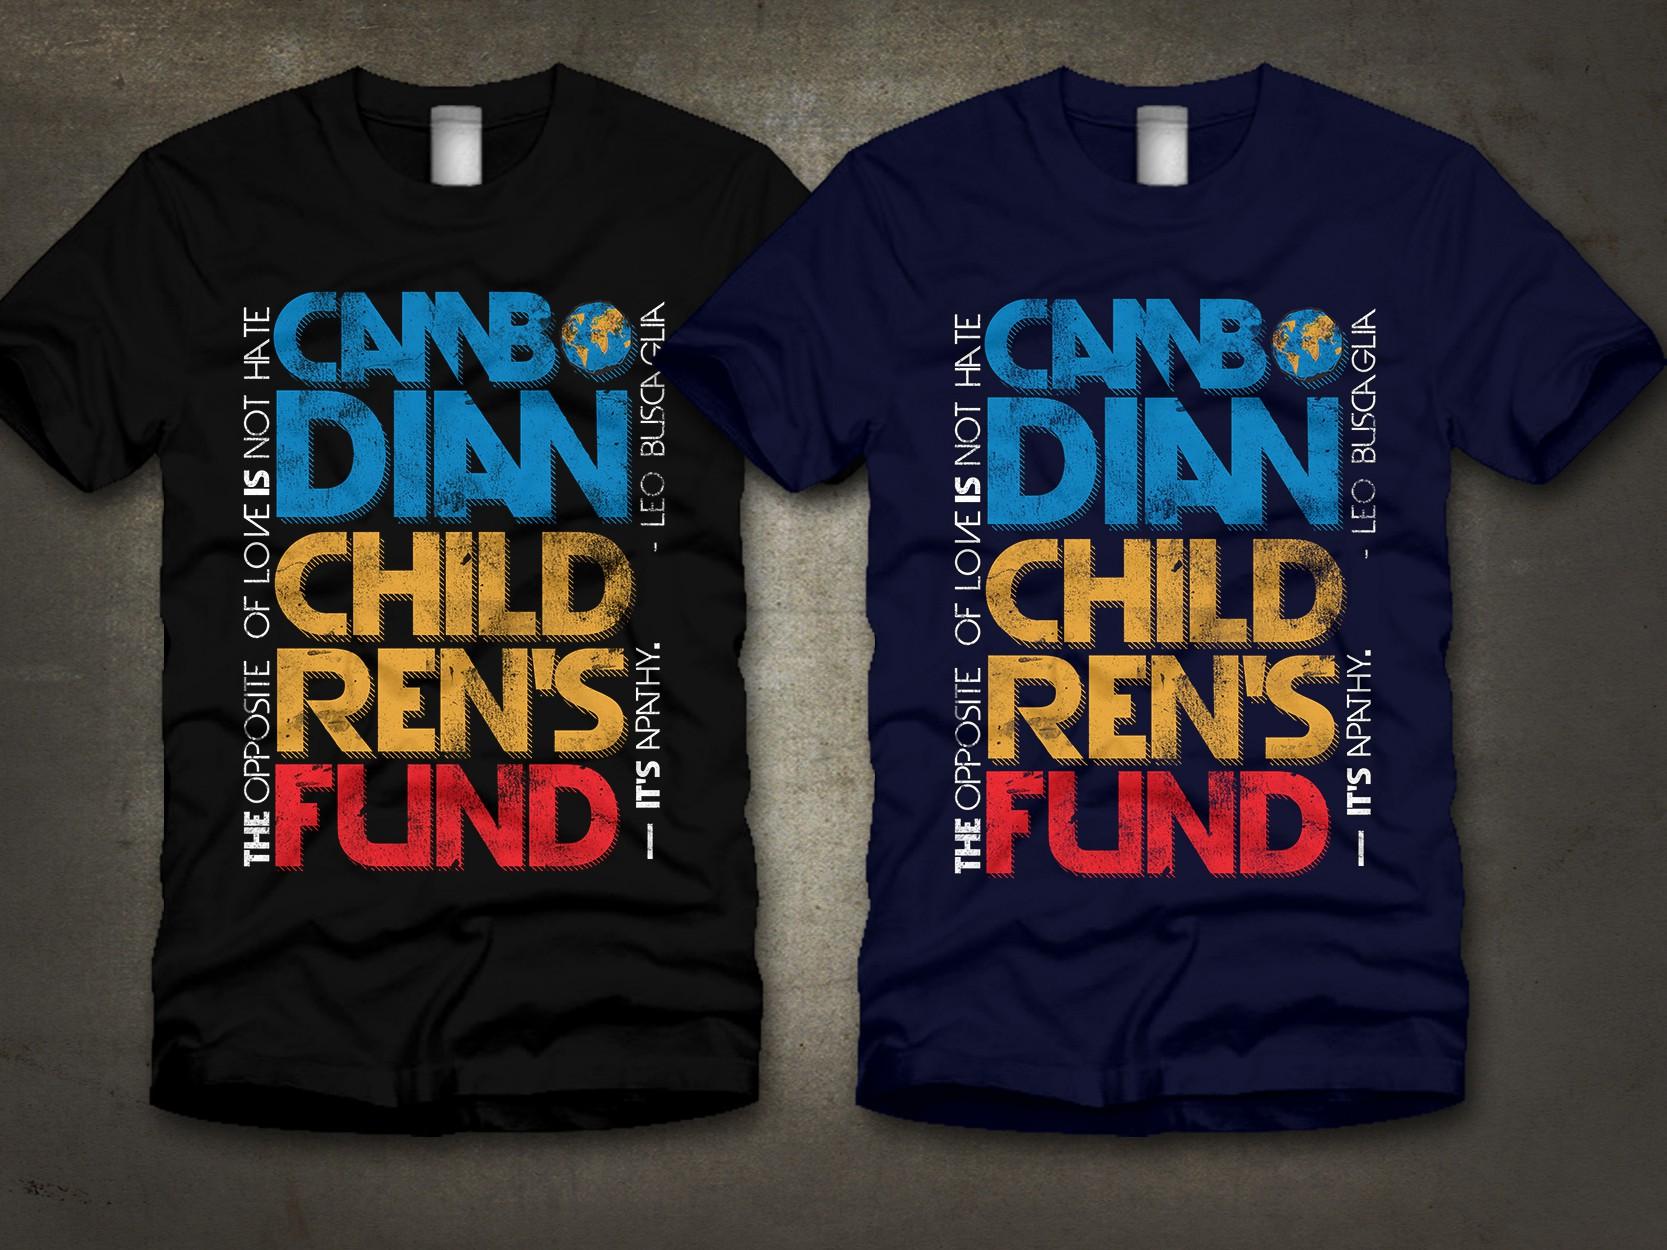 DESIGN FOR GOOD! International charity needs a t-shirt